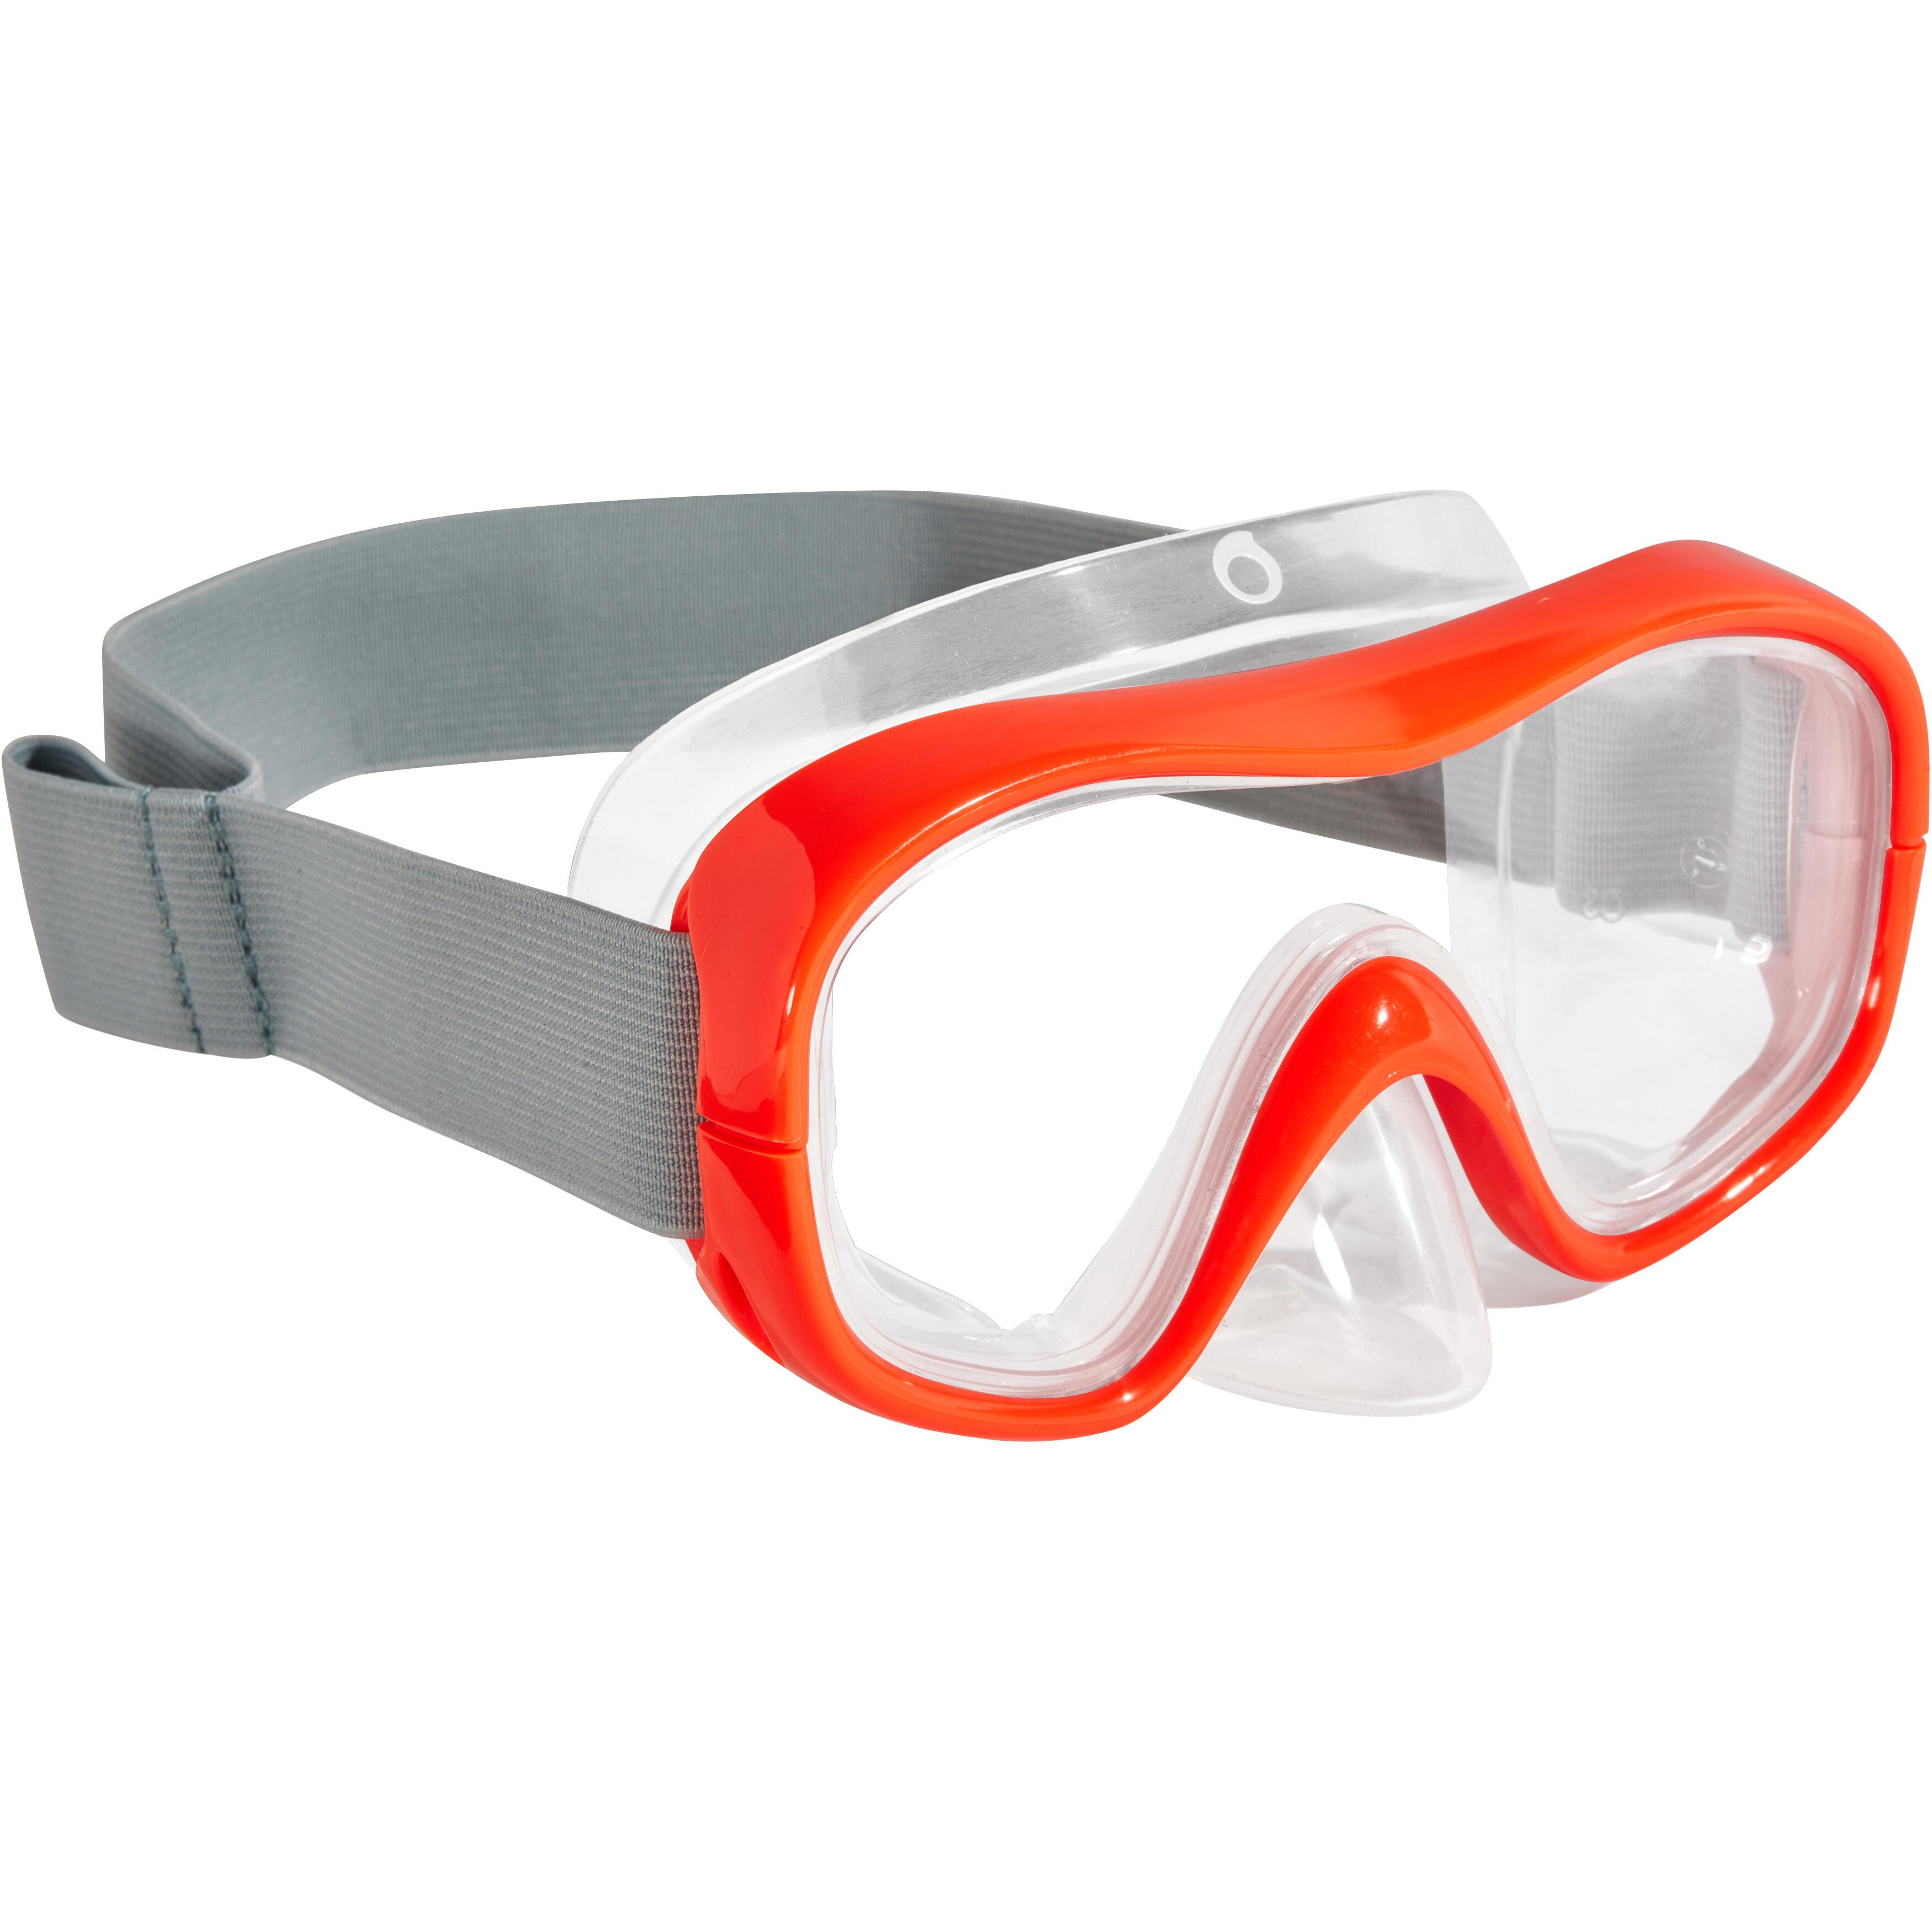 Mască snorkeling SNK 500 imagine